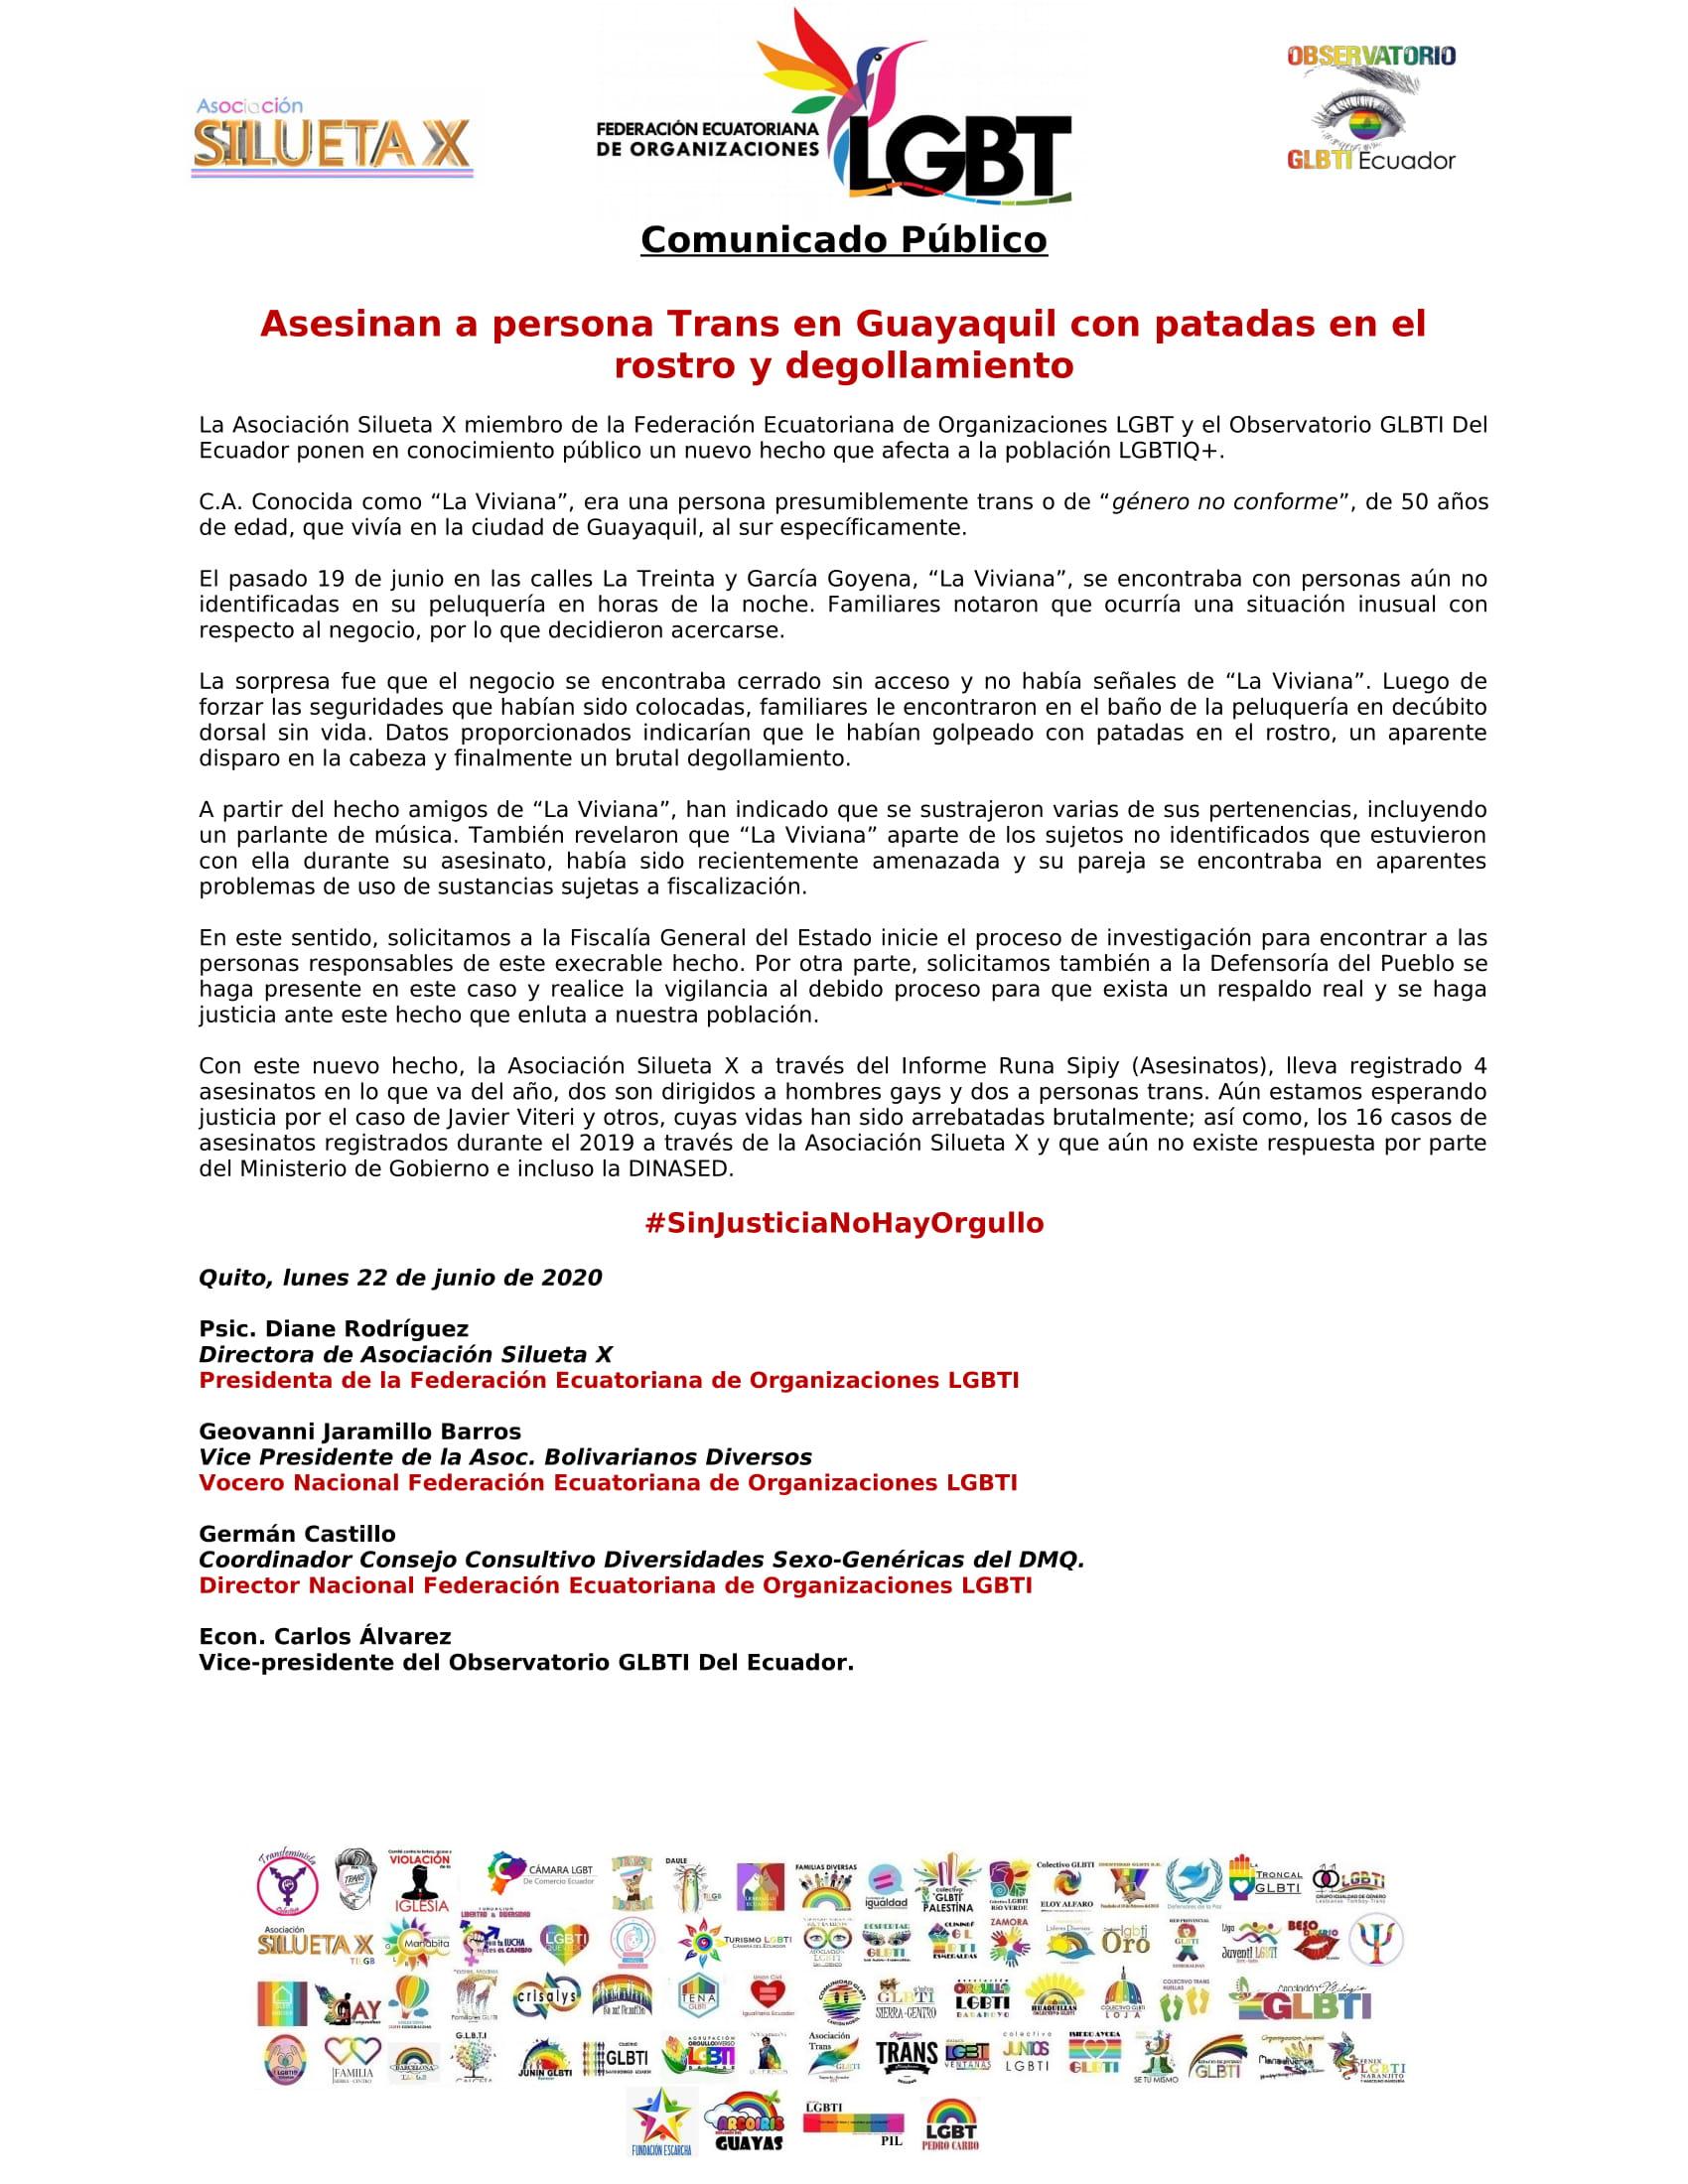 Comunicado - Asesinan a persona Trans en Guayaquil con patadas en el rostro y degollamiento - Asociación Silueta X - Federación Ecuatoriana de Organizaciones LGBT-1